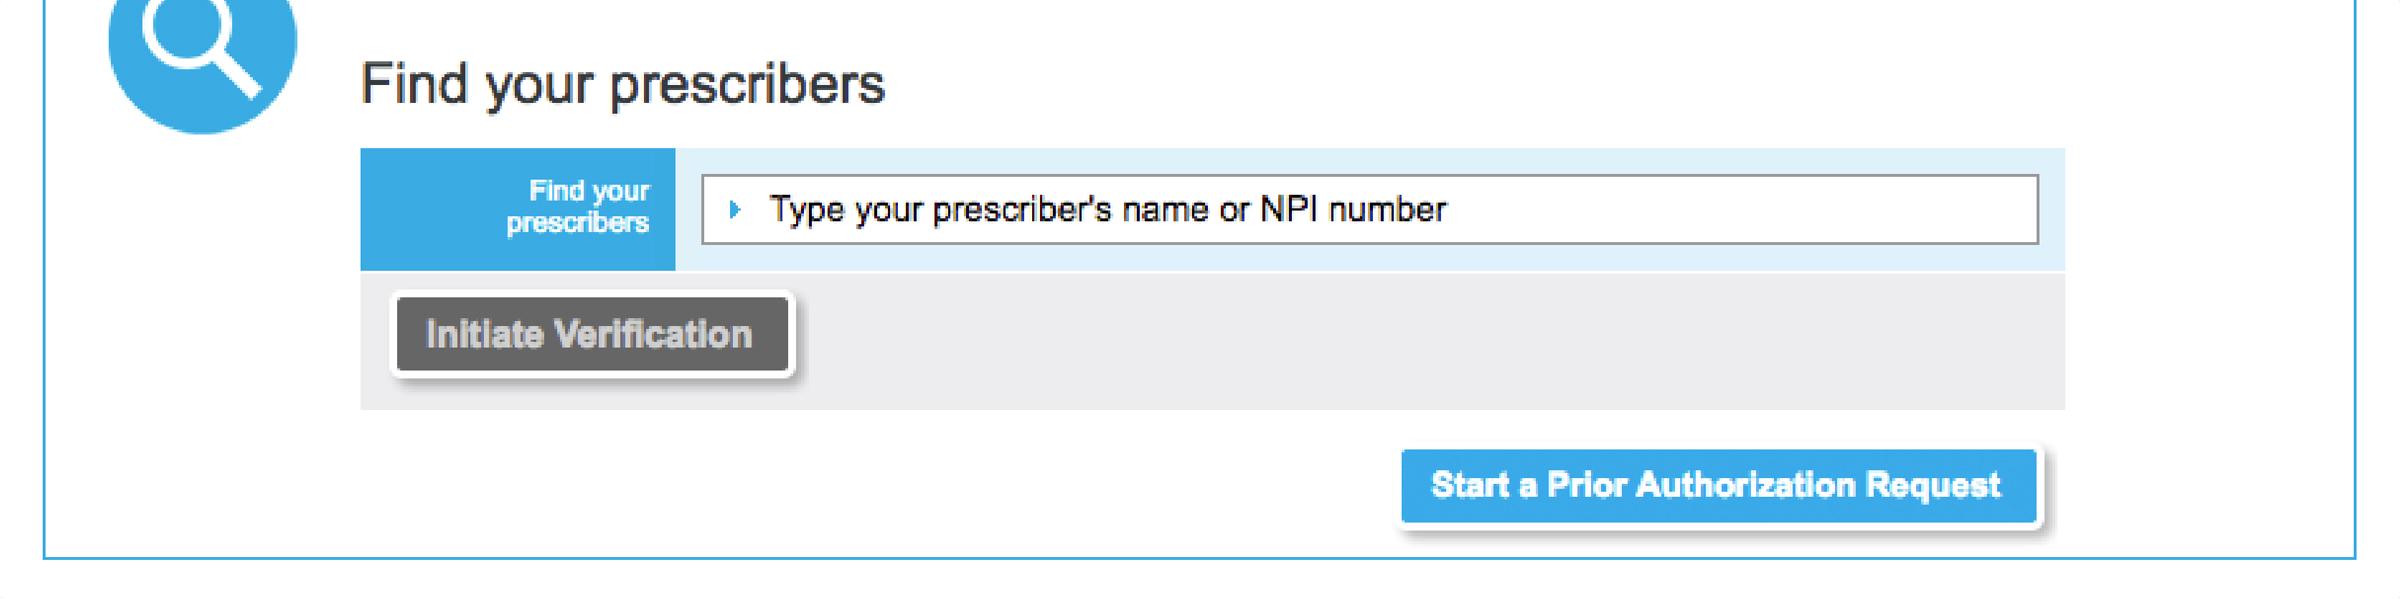 Verify your prescribers